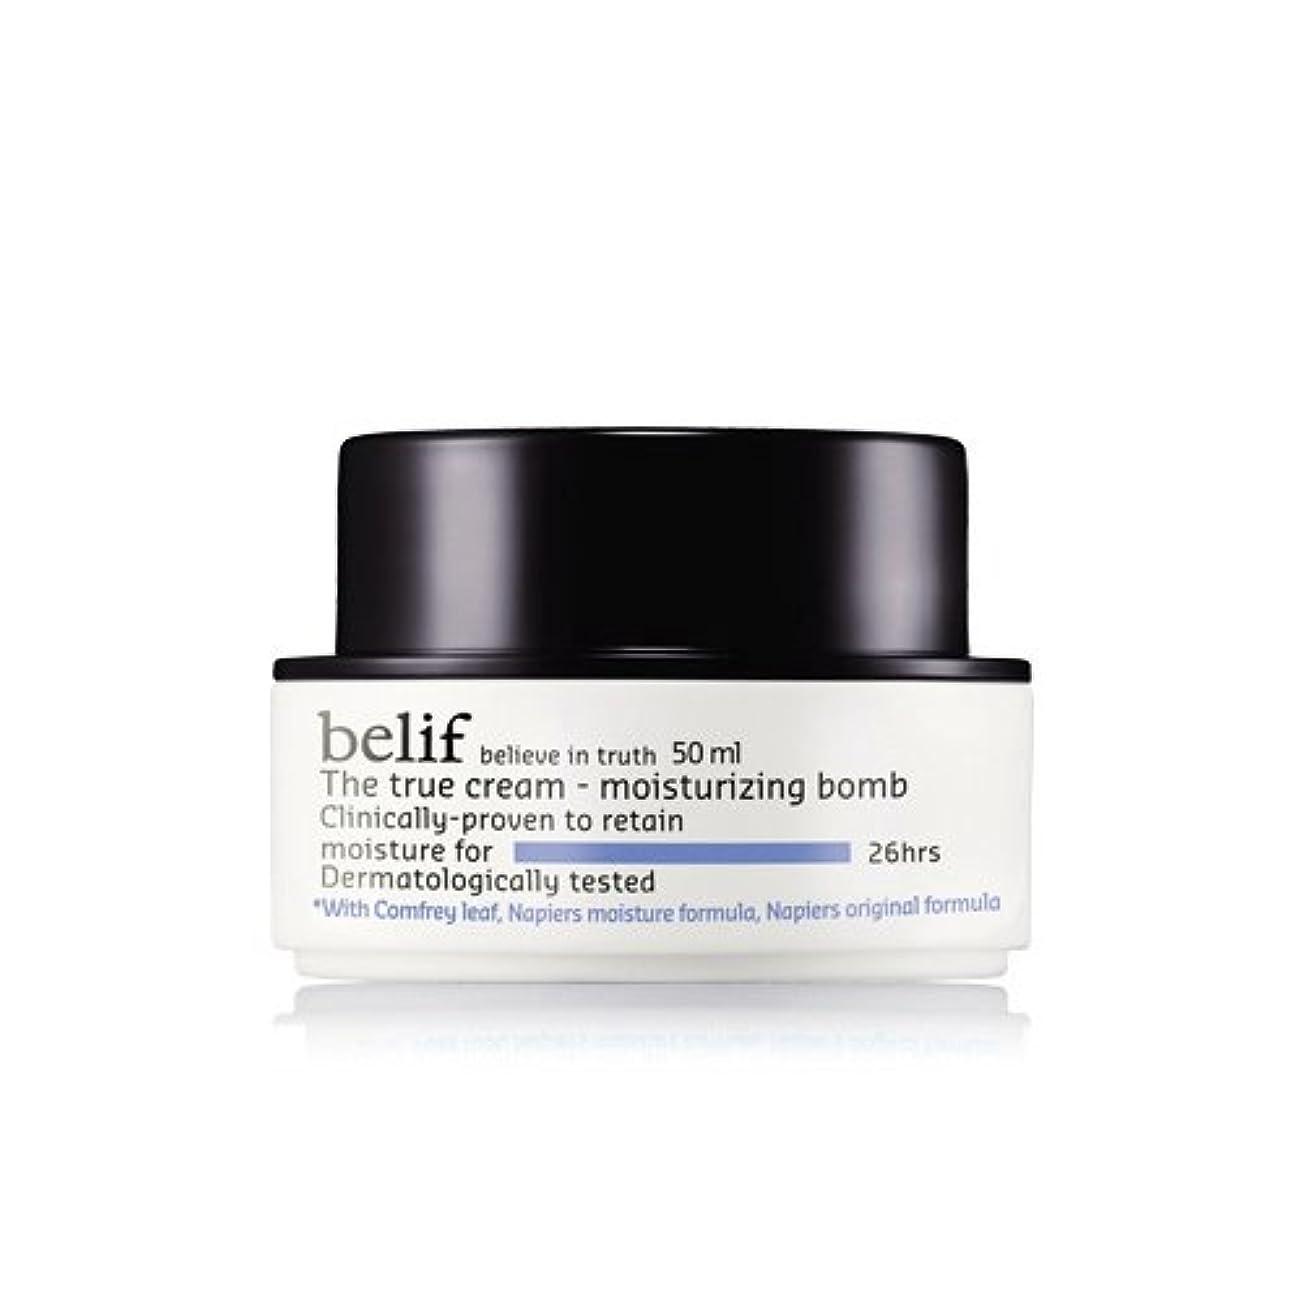 気まぐれなピュー集団『belif The true cream-moisturizing bomb 50ml』 ビリーフ 水分爆弾クリーム50ml 【福袋】